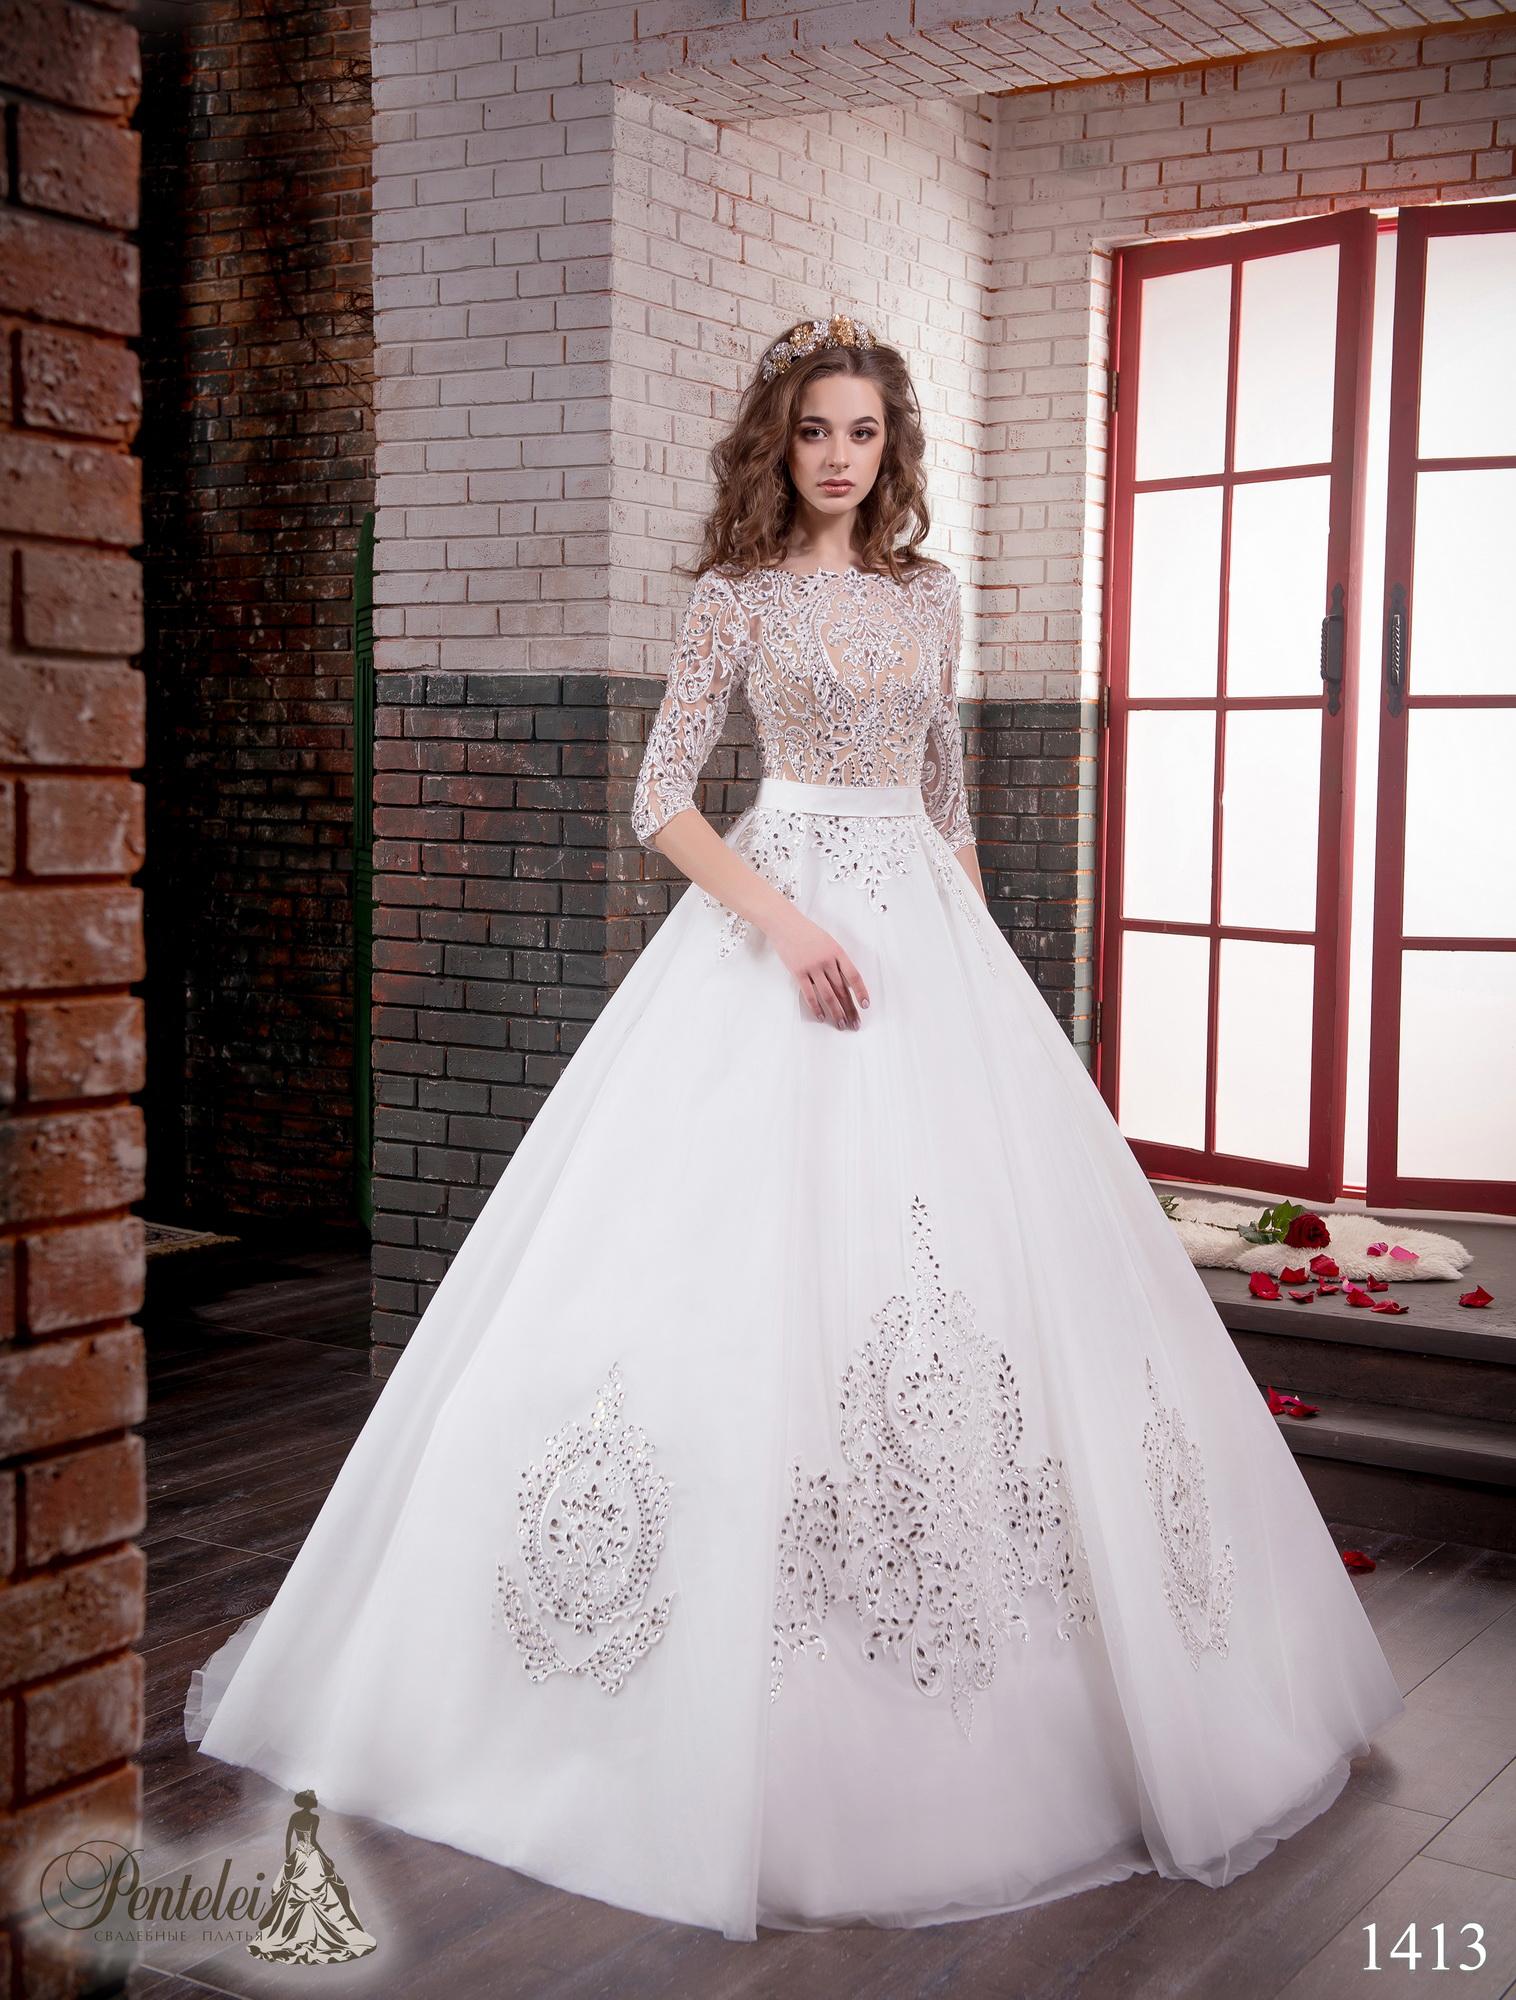 1413 | Купить свадебные платья оптом от Pentelei